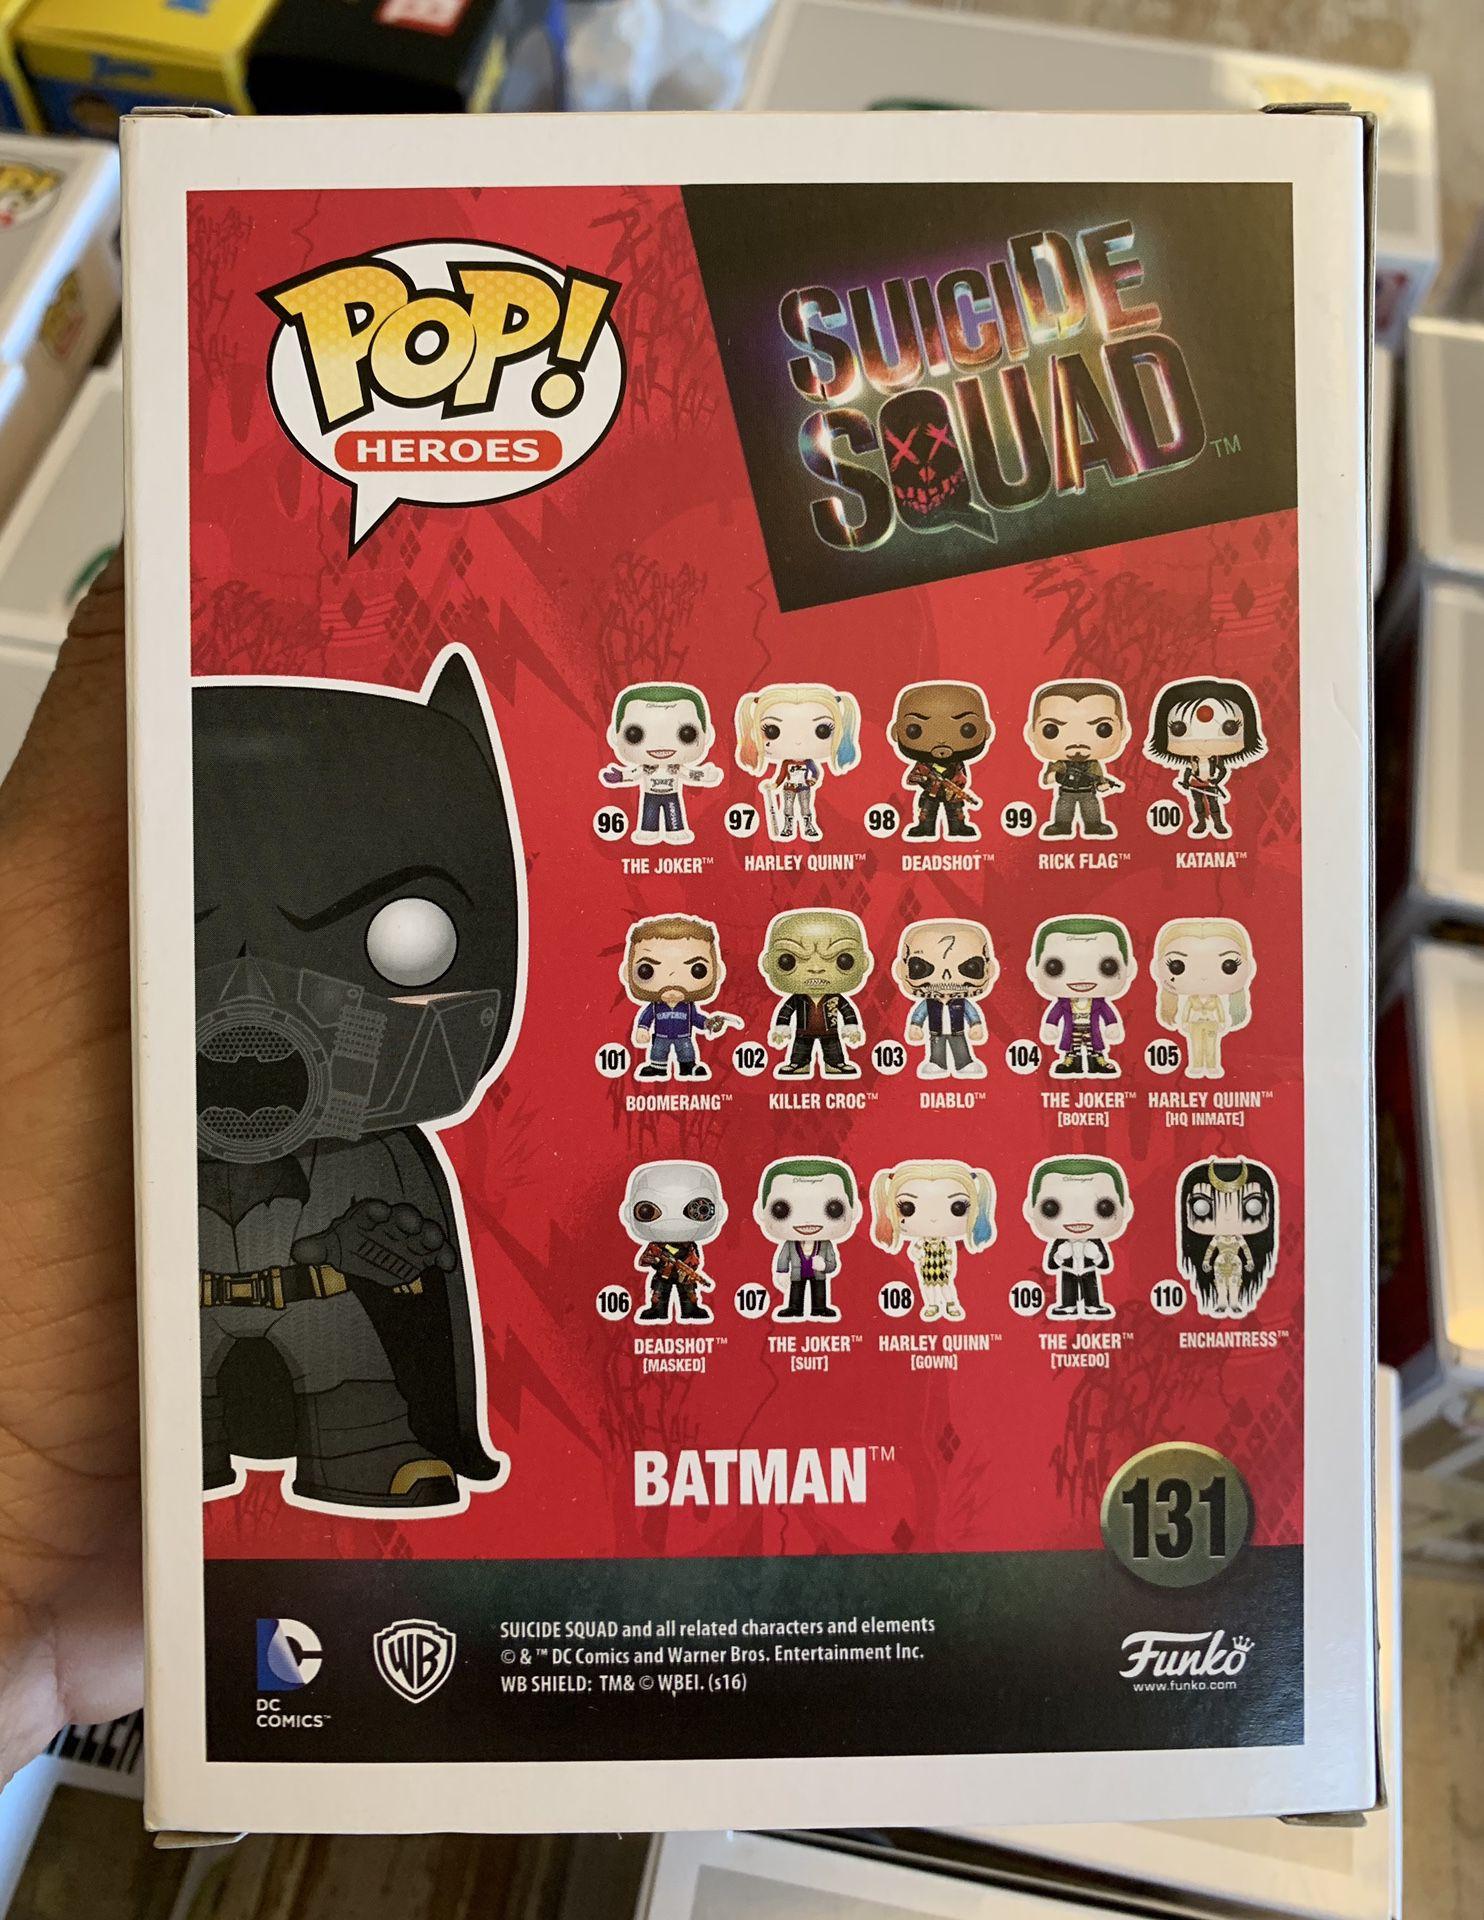 Funko Pop! Suicide Squad SDCC 2016 Batman #131